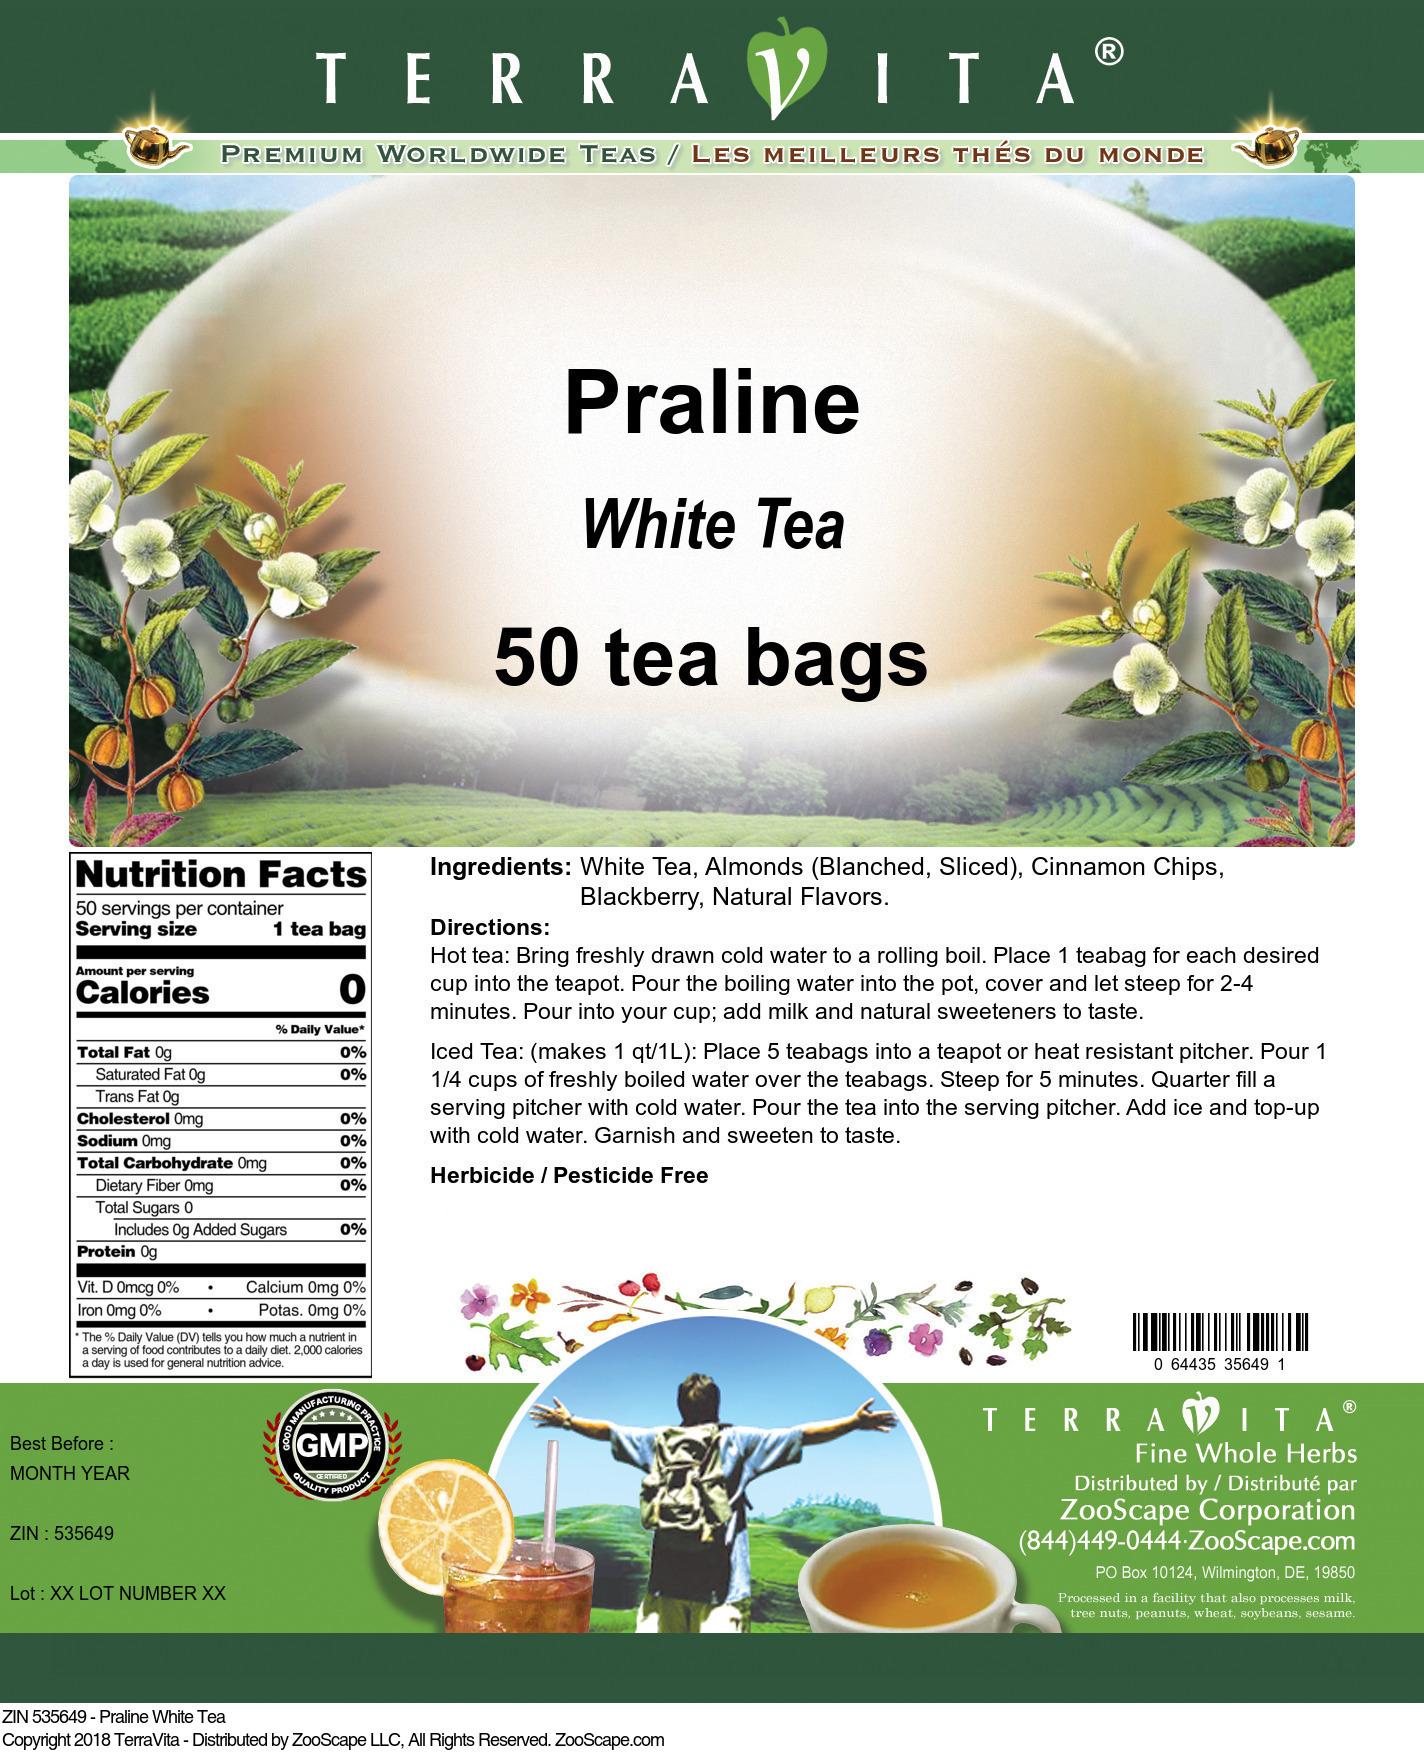 Praline White Tea